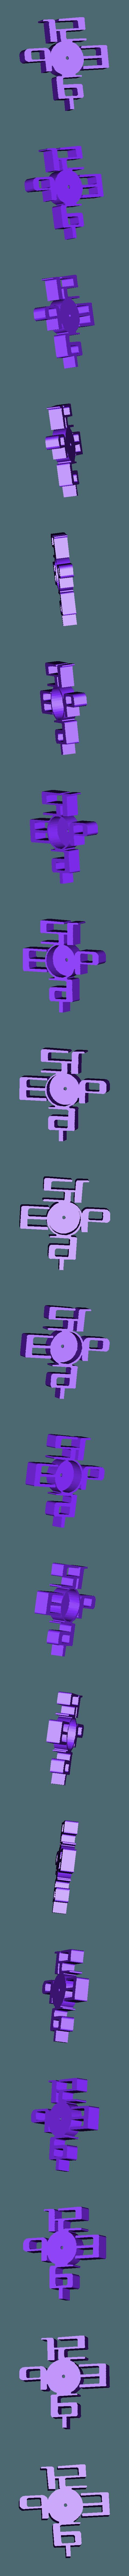 clok.STL Télécharger fichier STL gratuit chronométrer • Objet à imprimer en 3D, gaevskiiy